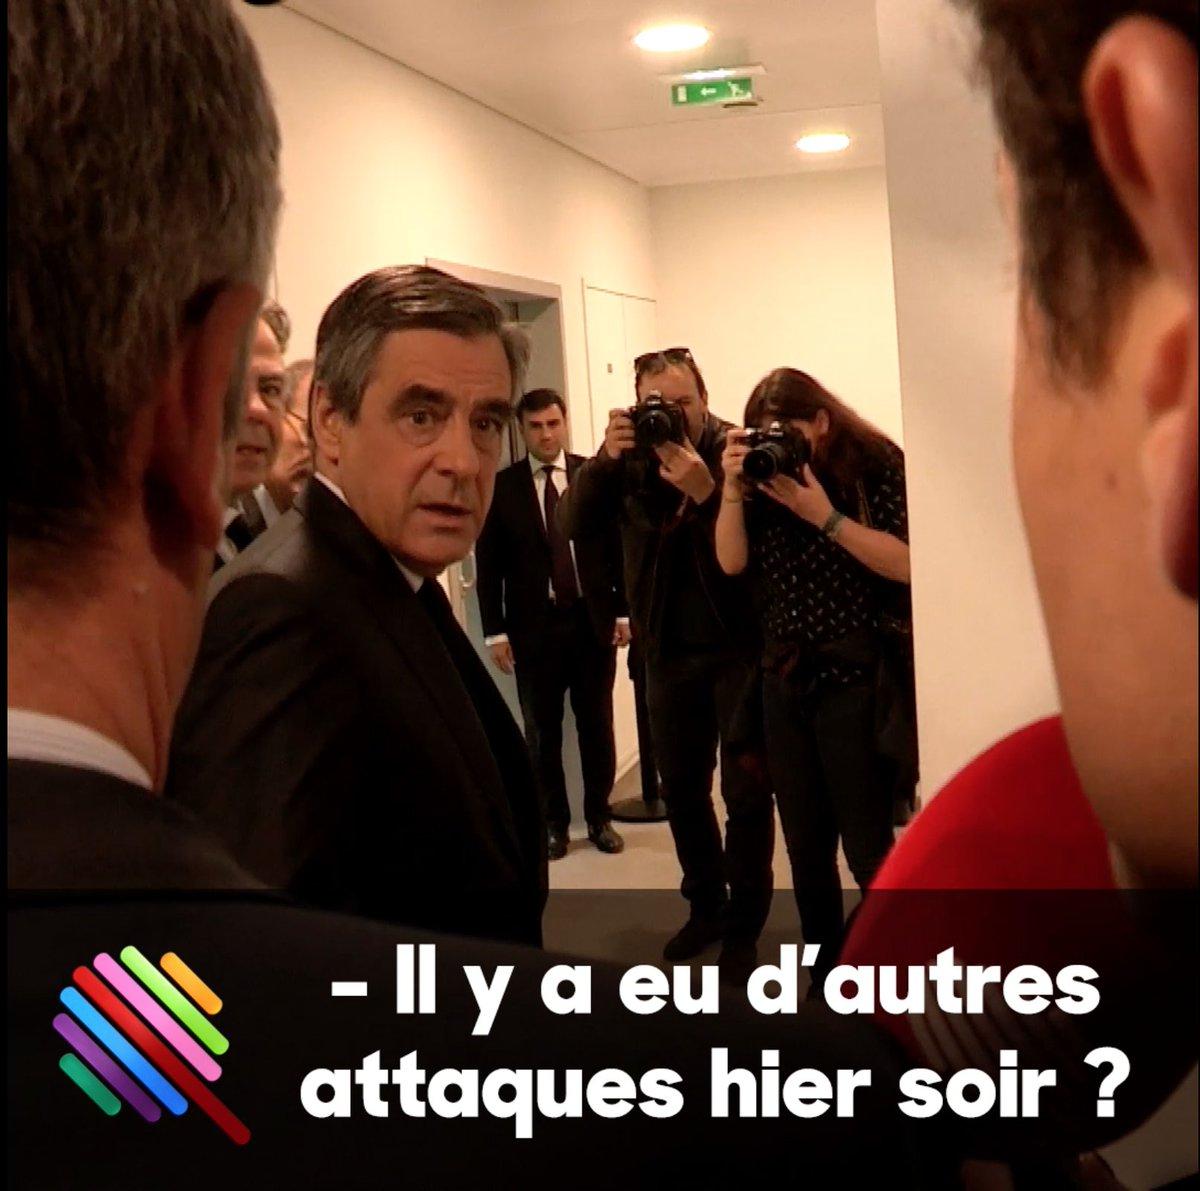 Selon #Fillon, des rapports de police indiquent d'autres attaques à Paris cette nuit.   https://t.co/ahVaCsltIS #ChampsElysees